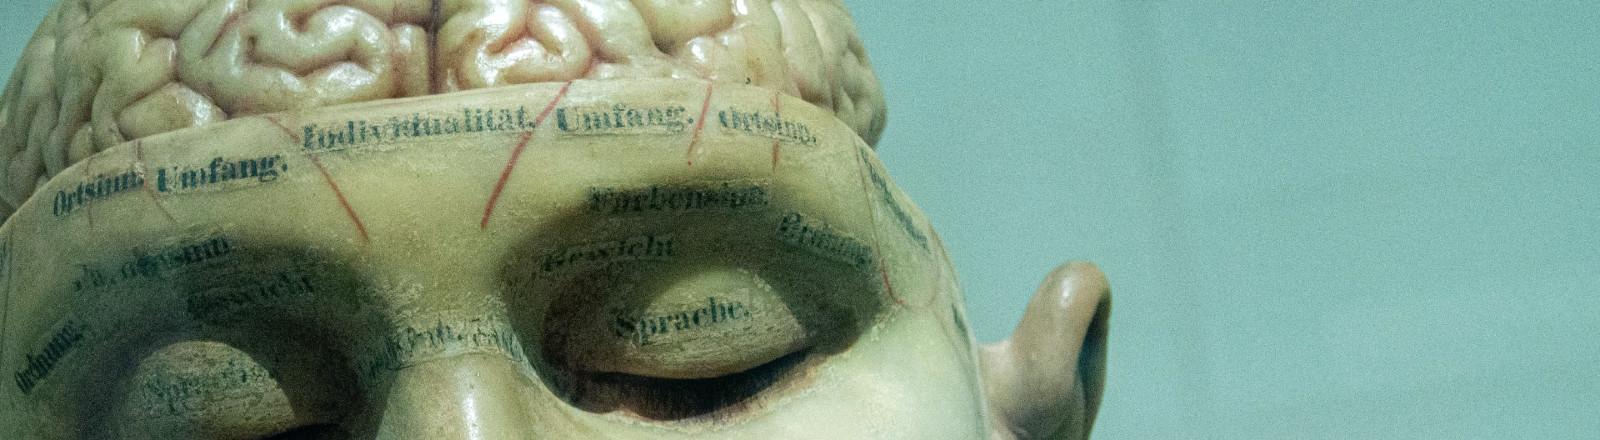 Mensch Gehirn Hirnforschung